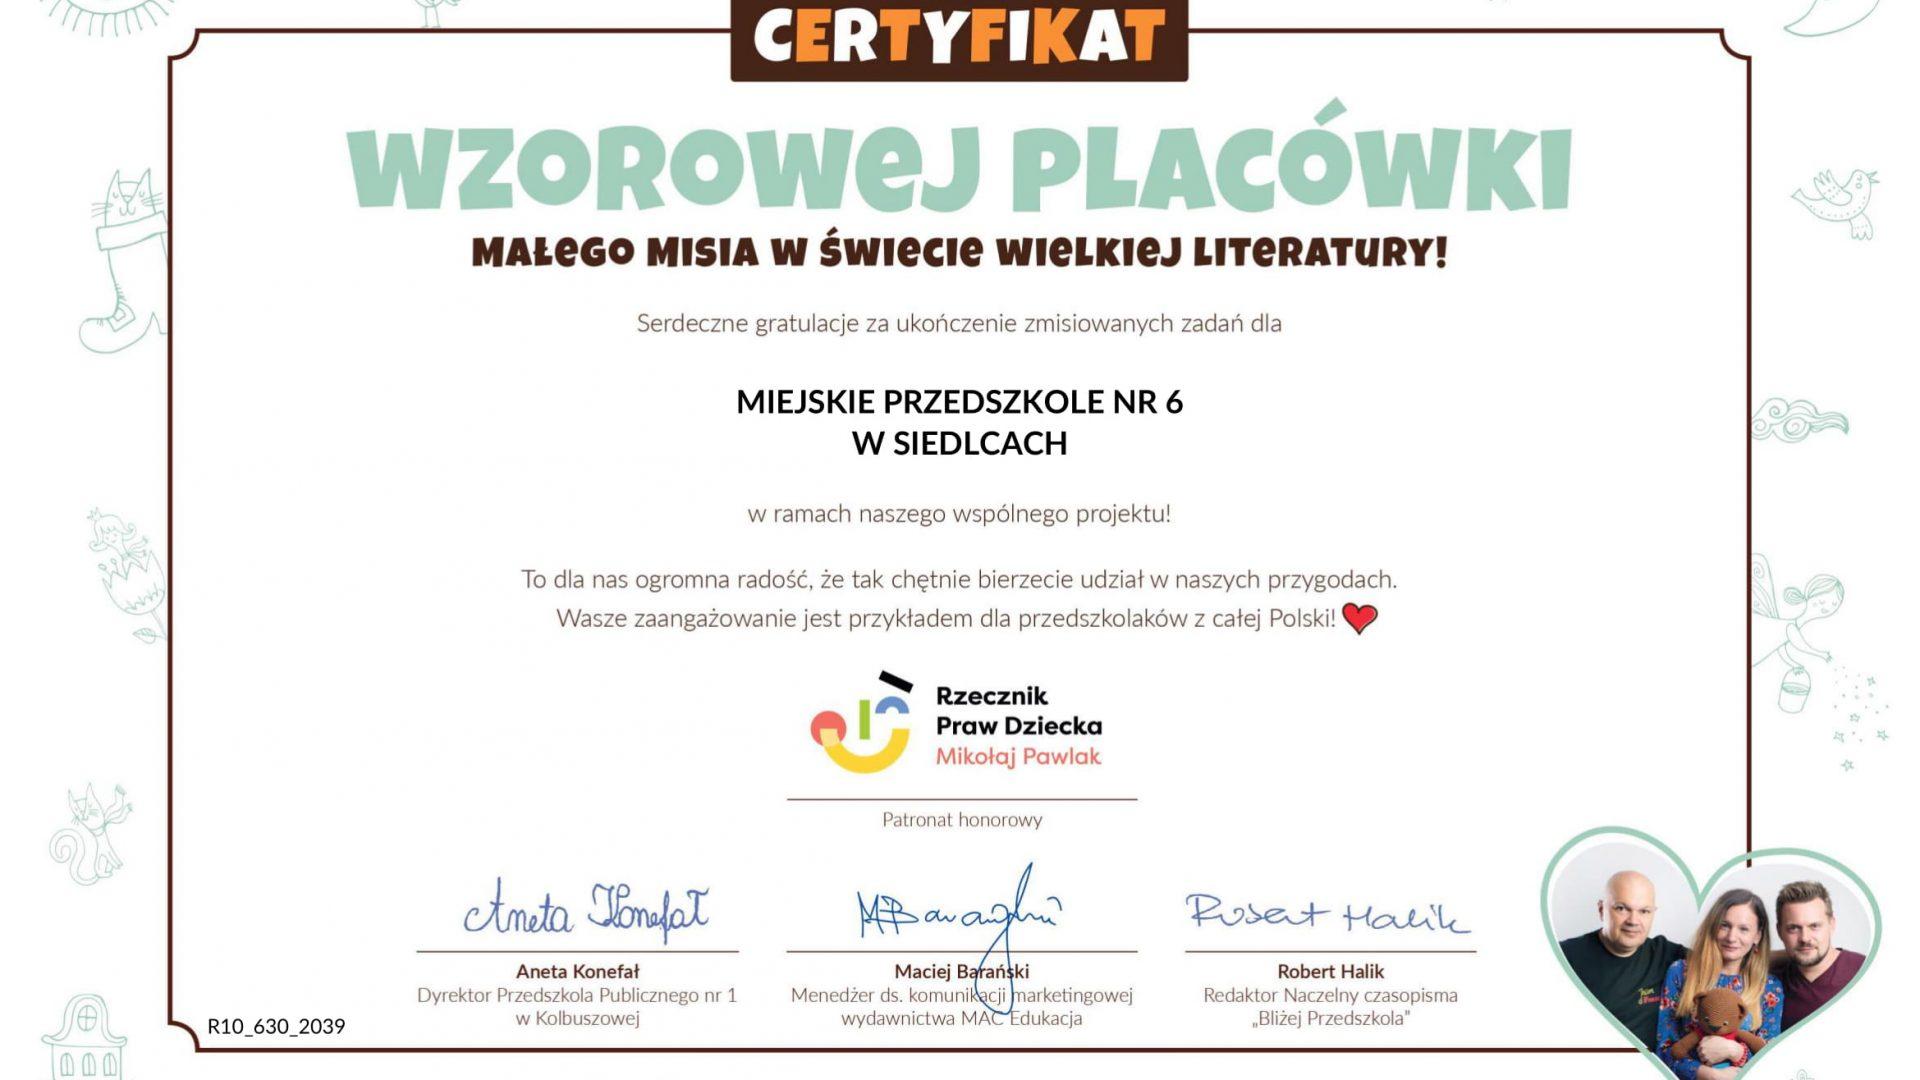 certyfikat dla placówki